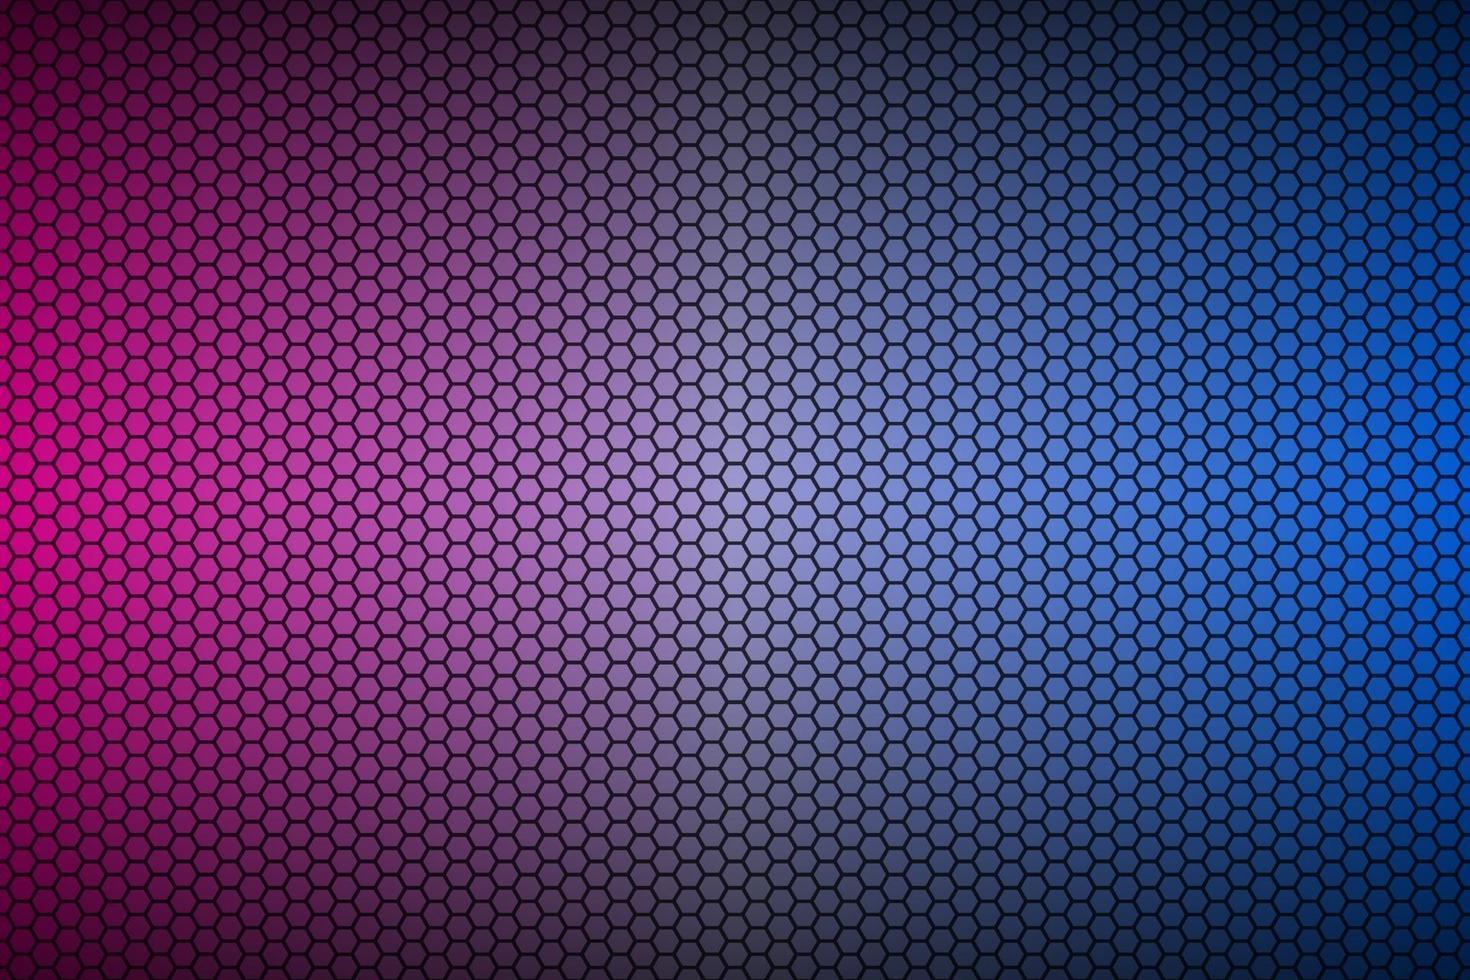 Fondo de material de malla hexagonal geométrica de neón azul y púrpura abstracto. Papel pintado con tecnología metálica perforada. vector de fondo de pantalla panorámica abstracta